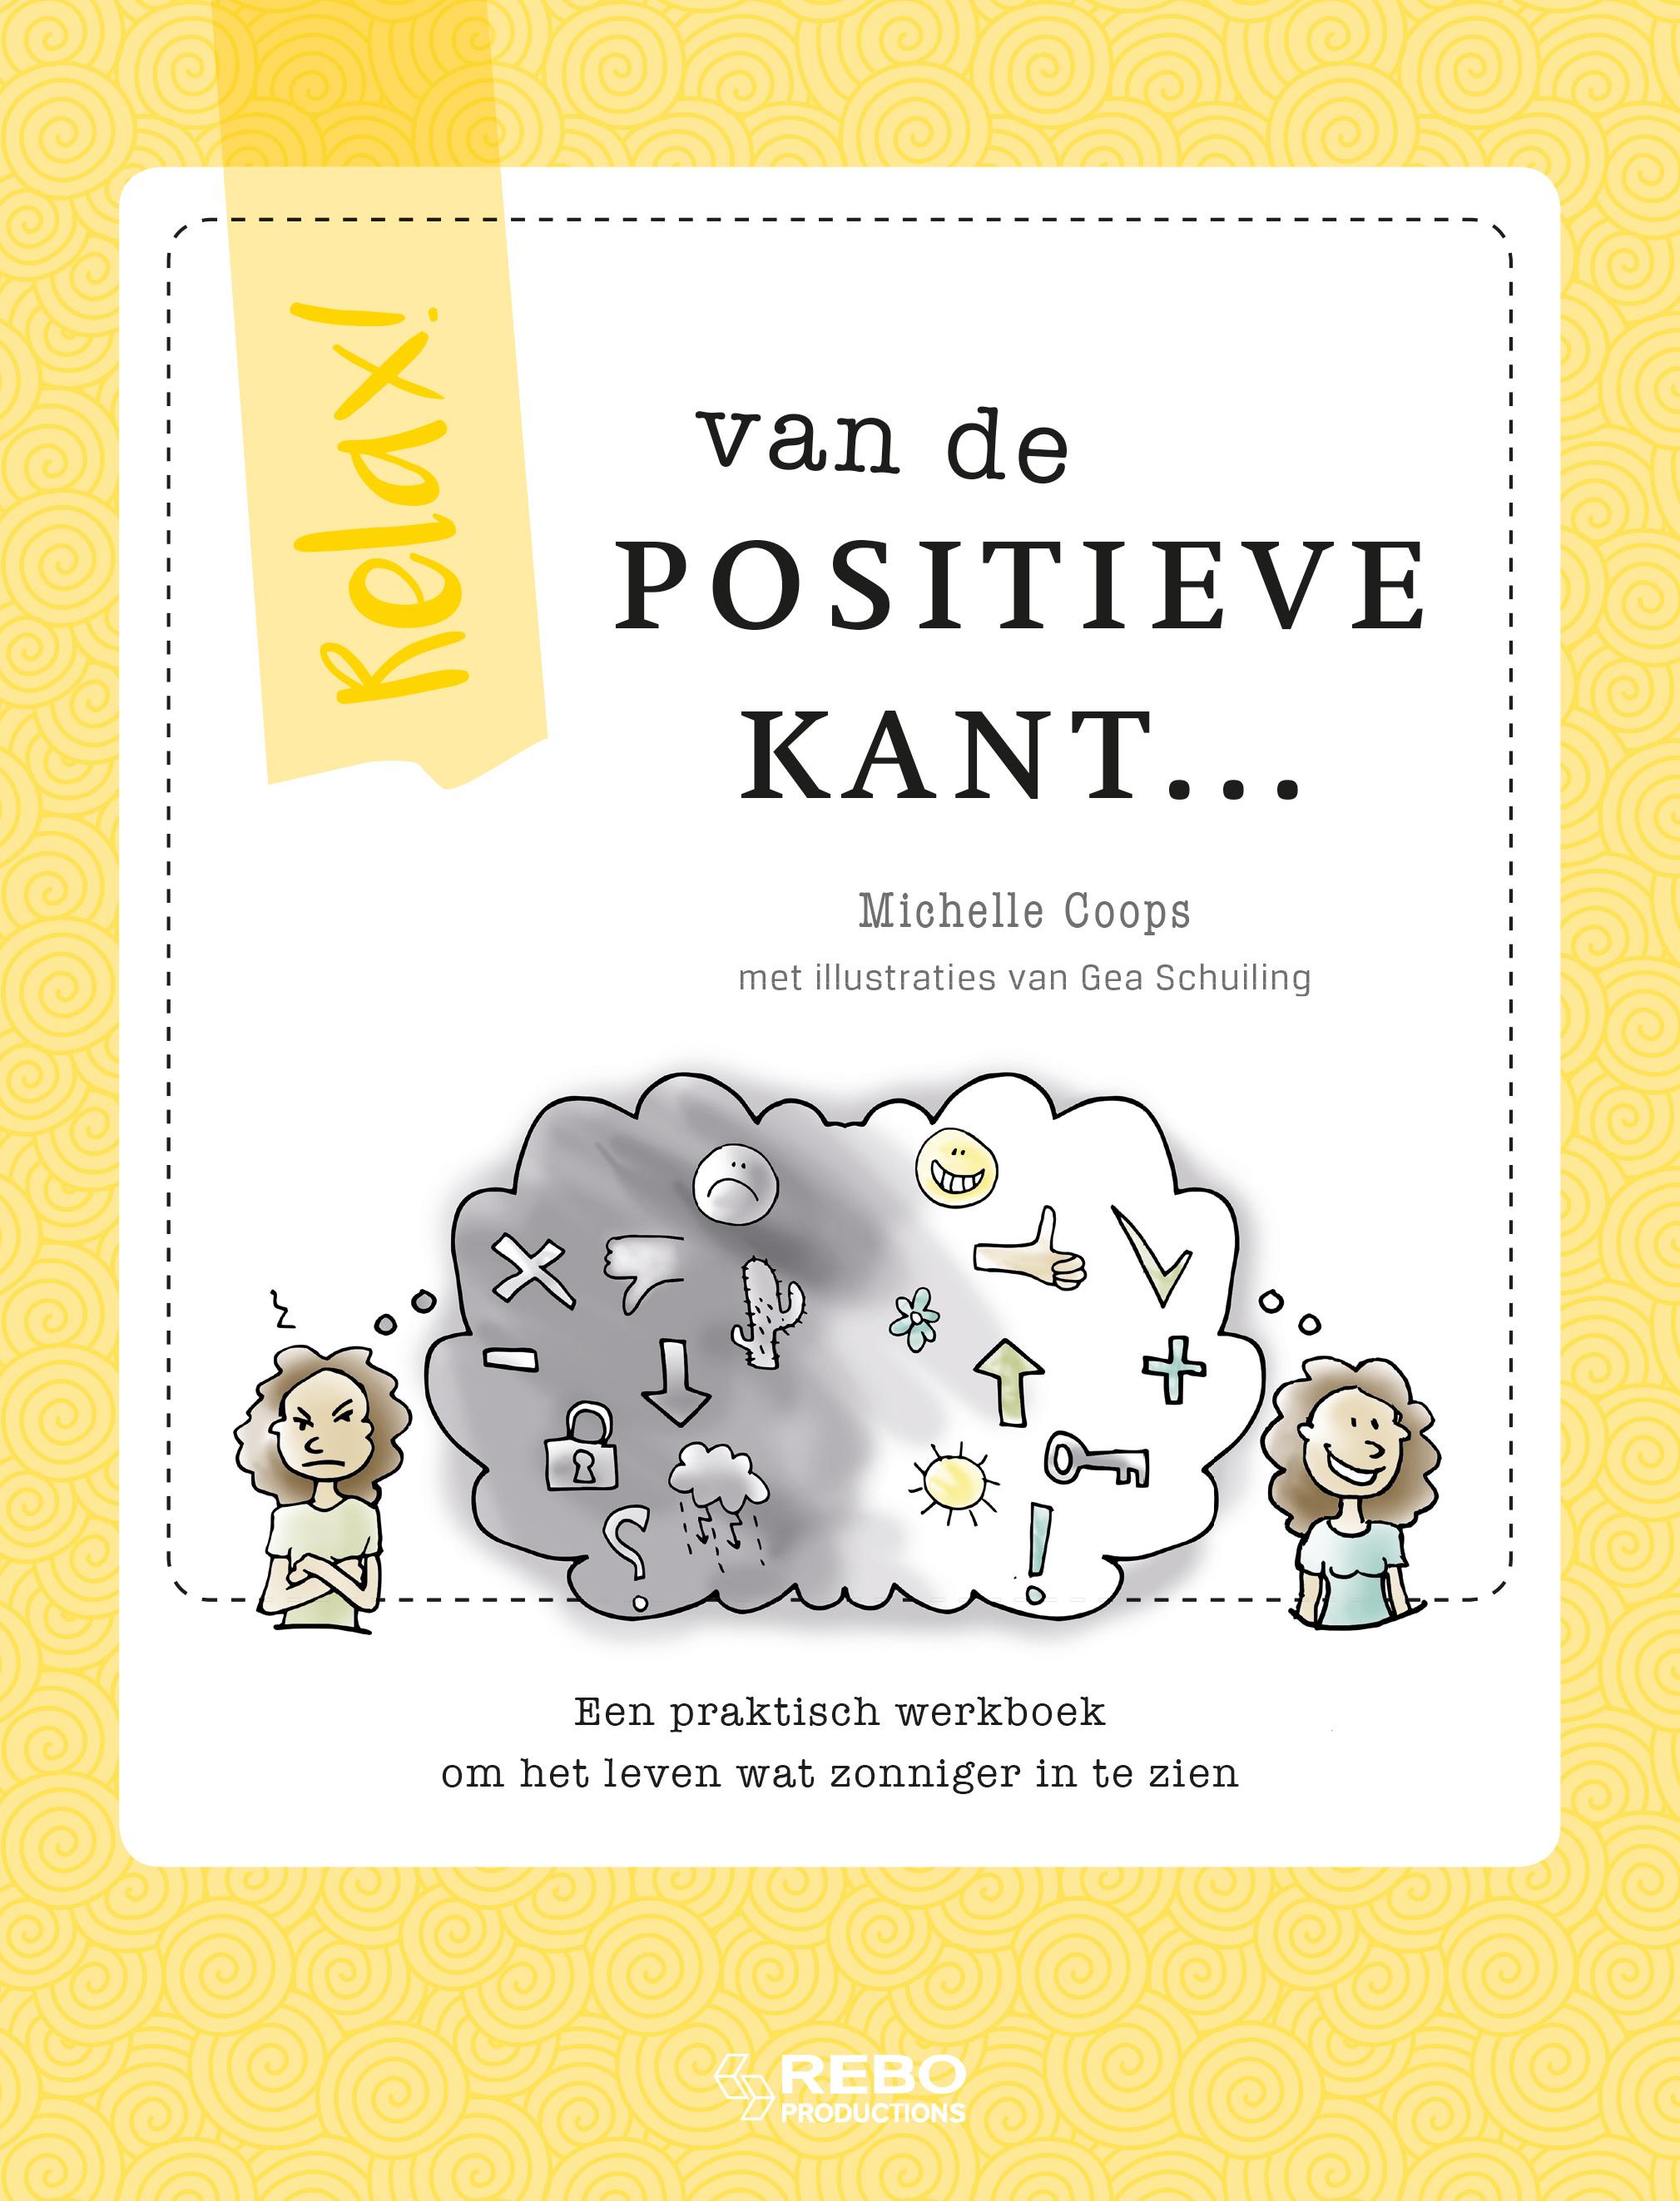 Relax! Van de positieve kant...